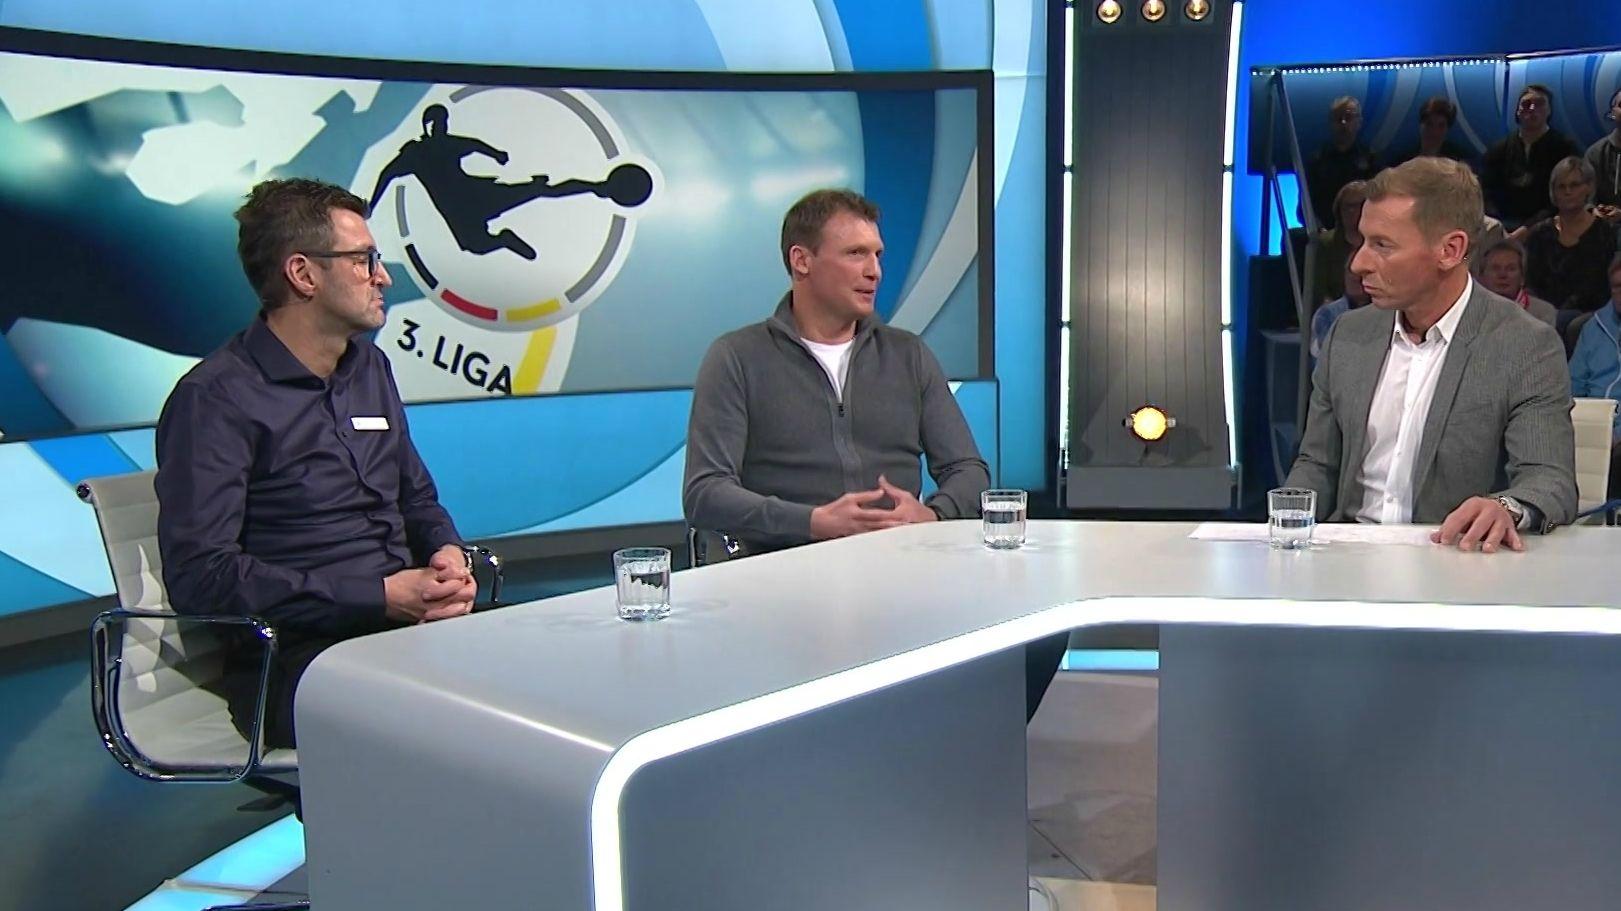 Löwen-Trainer Michael Köllner und Unterhaching-Coach Claus Schromm in Blickpunkt Sport